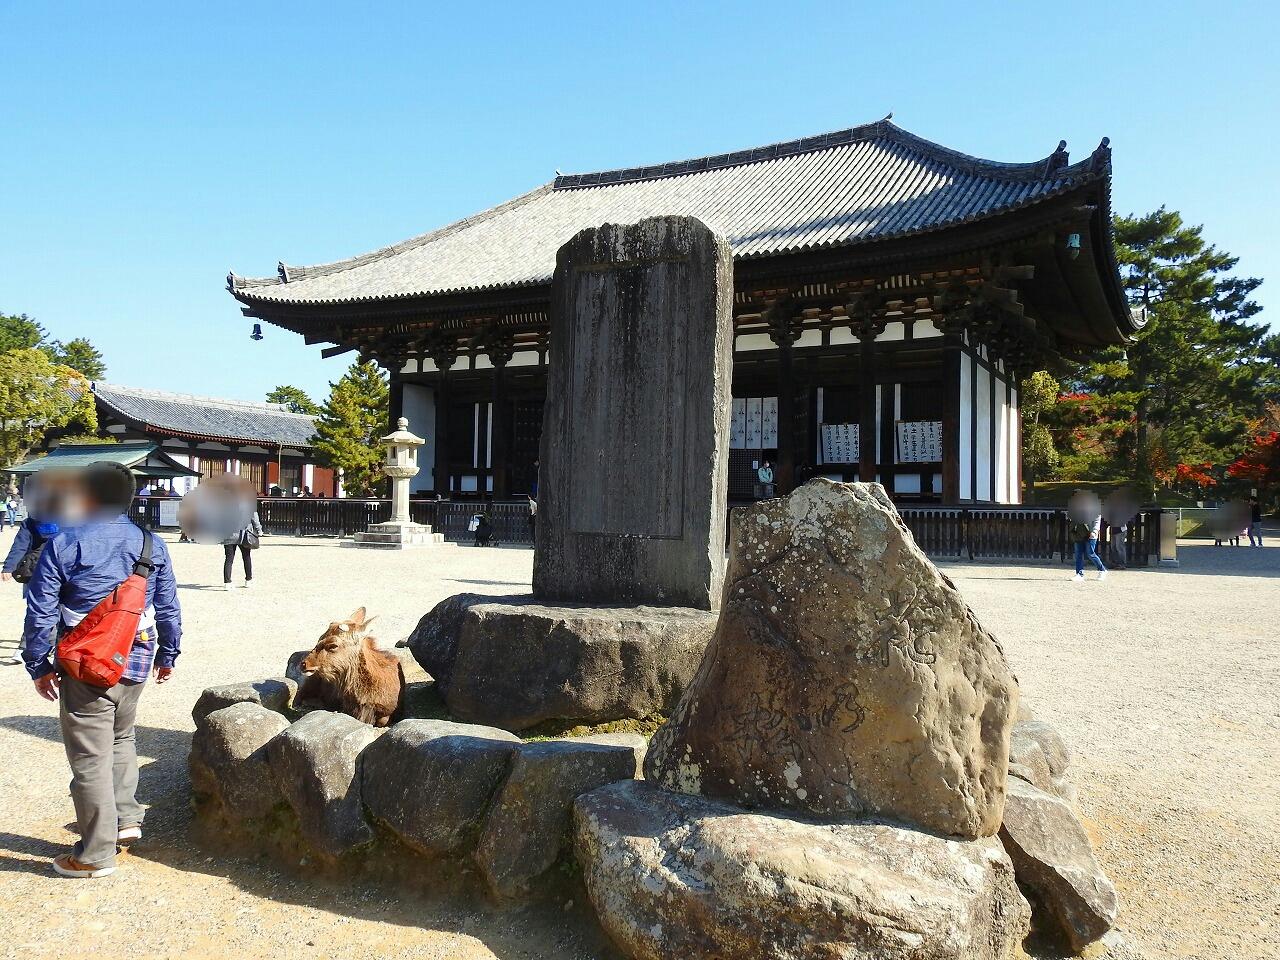 興福寺の北円堂、南円堂、東金堂